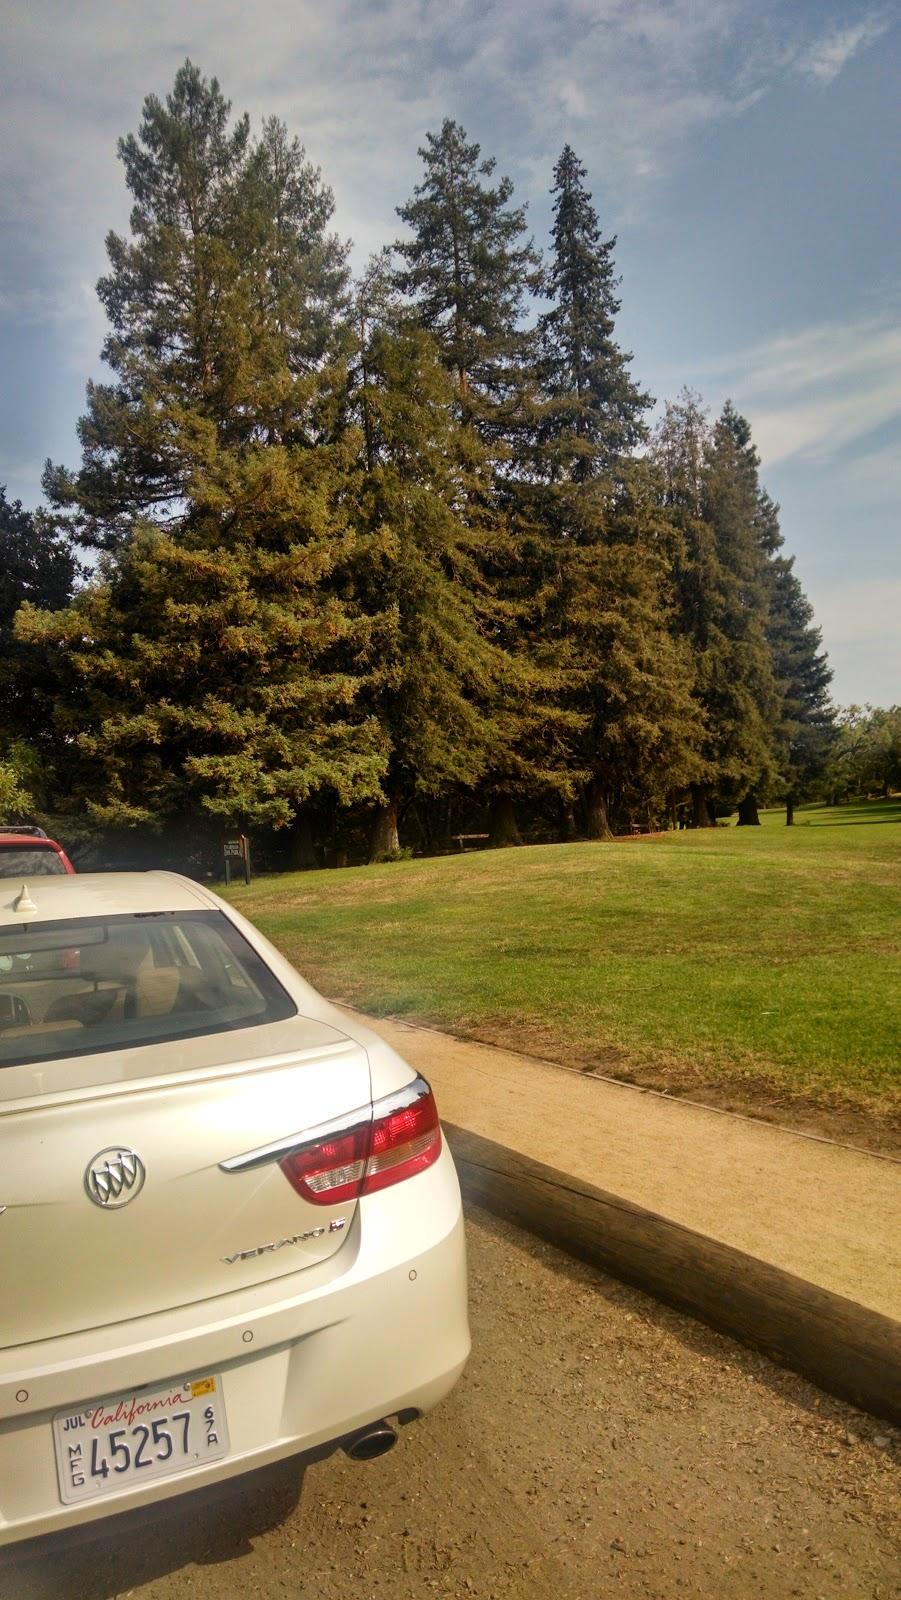 Cornelius Bol Park, Palo Alto